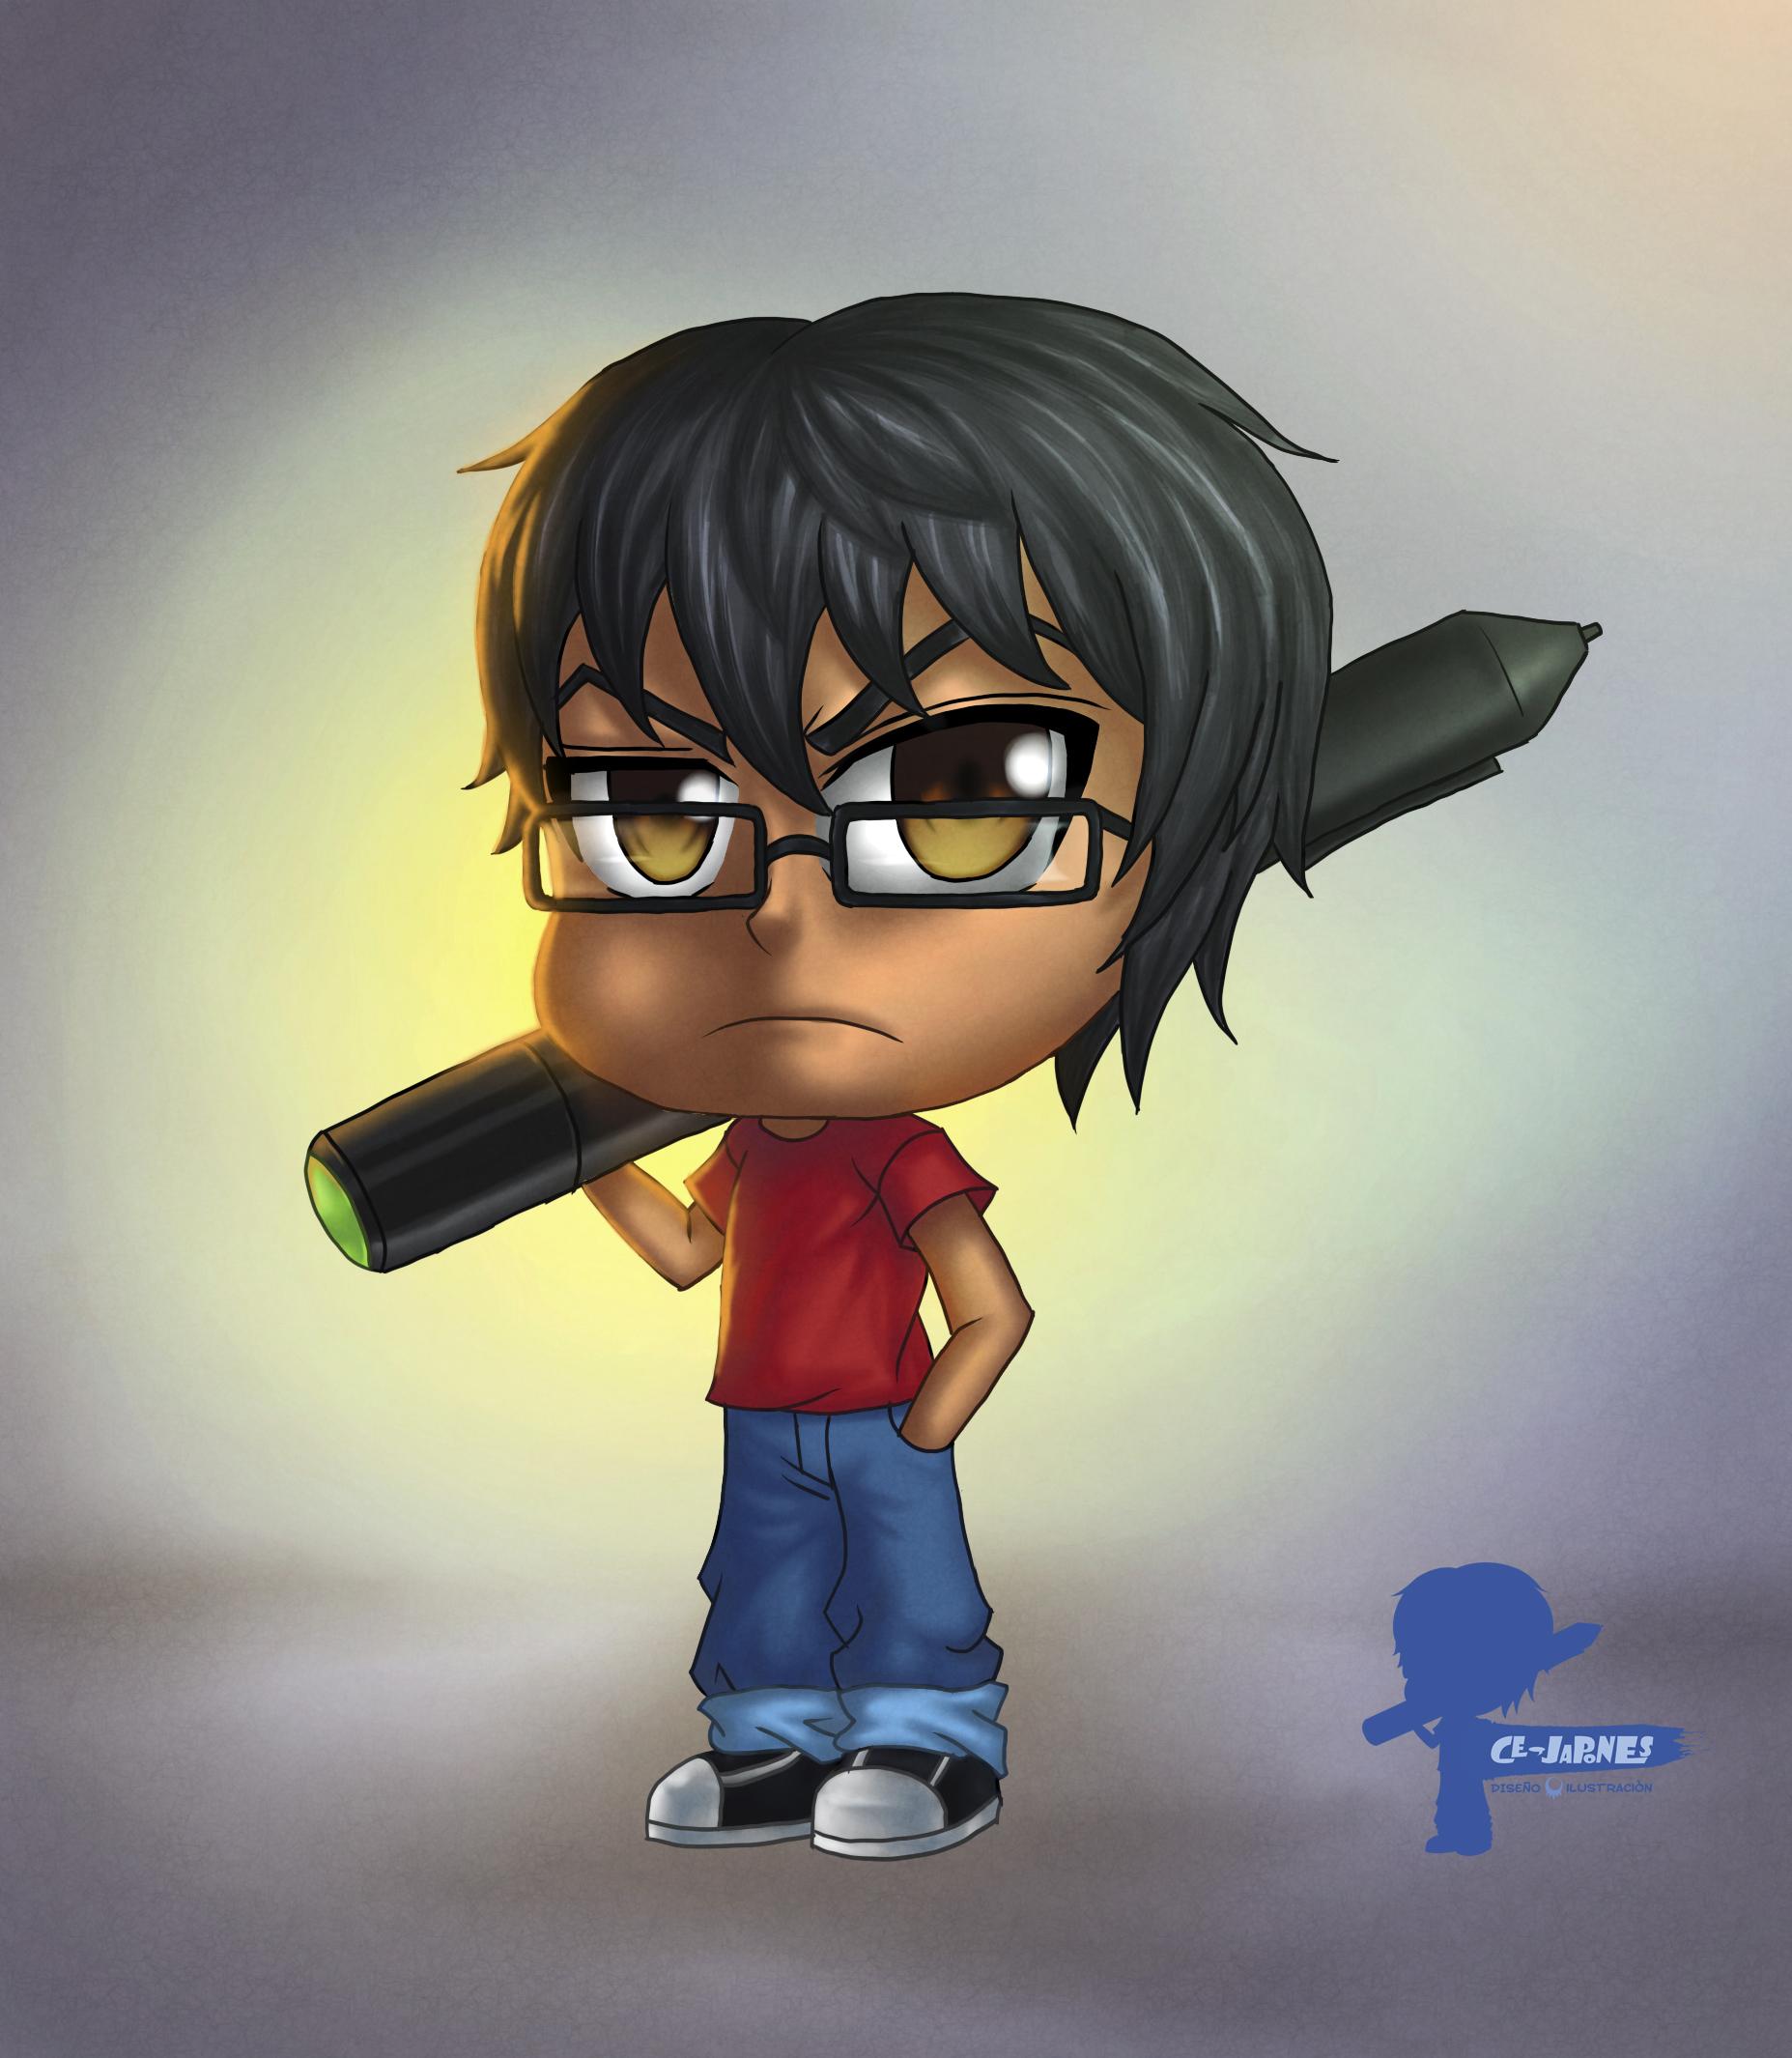 ce-j's Profile Picture